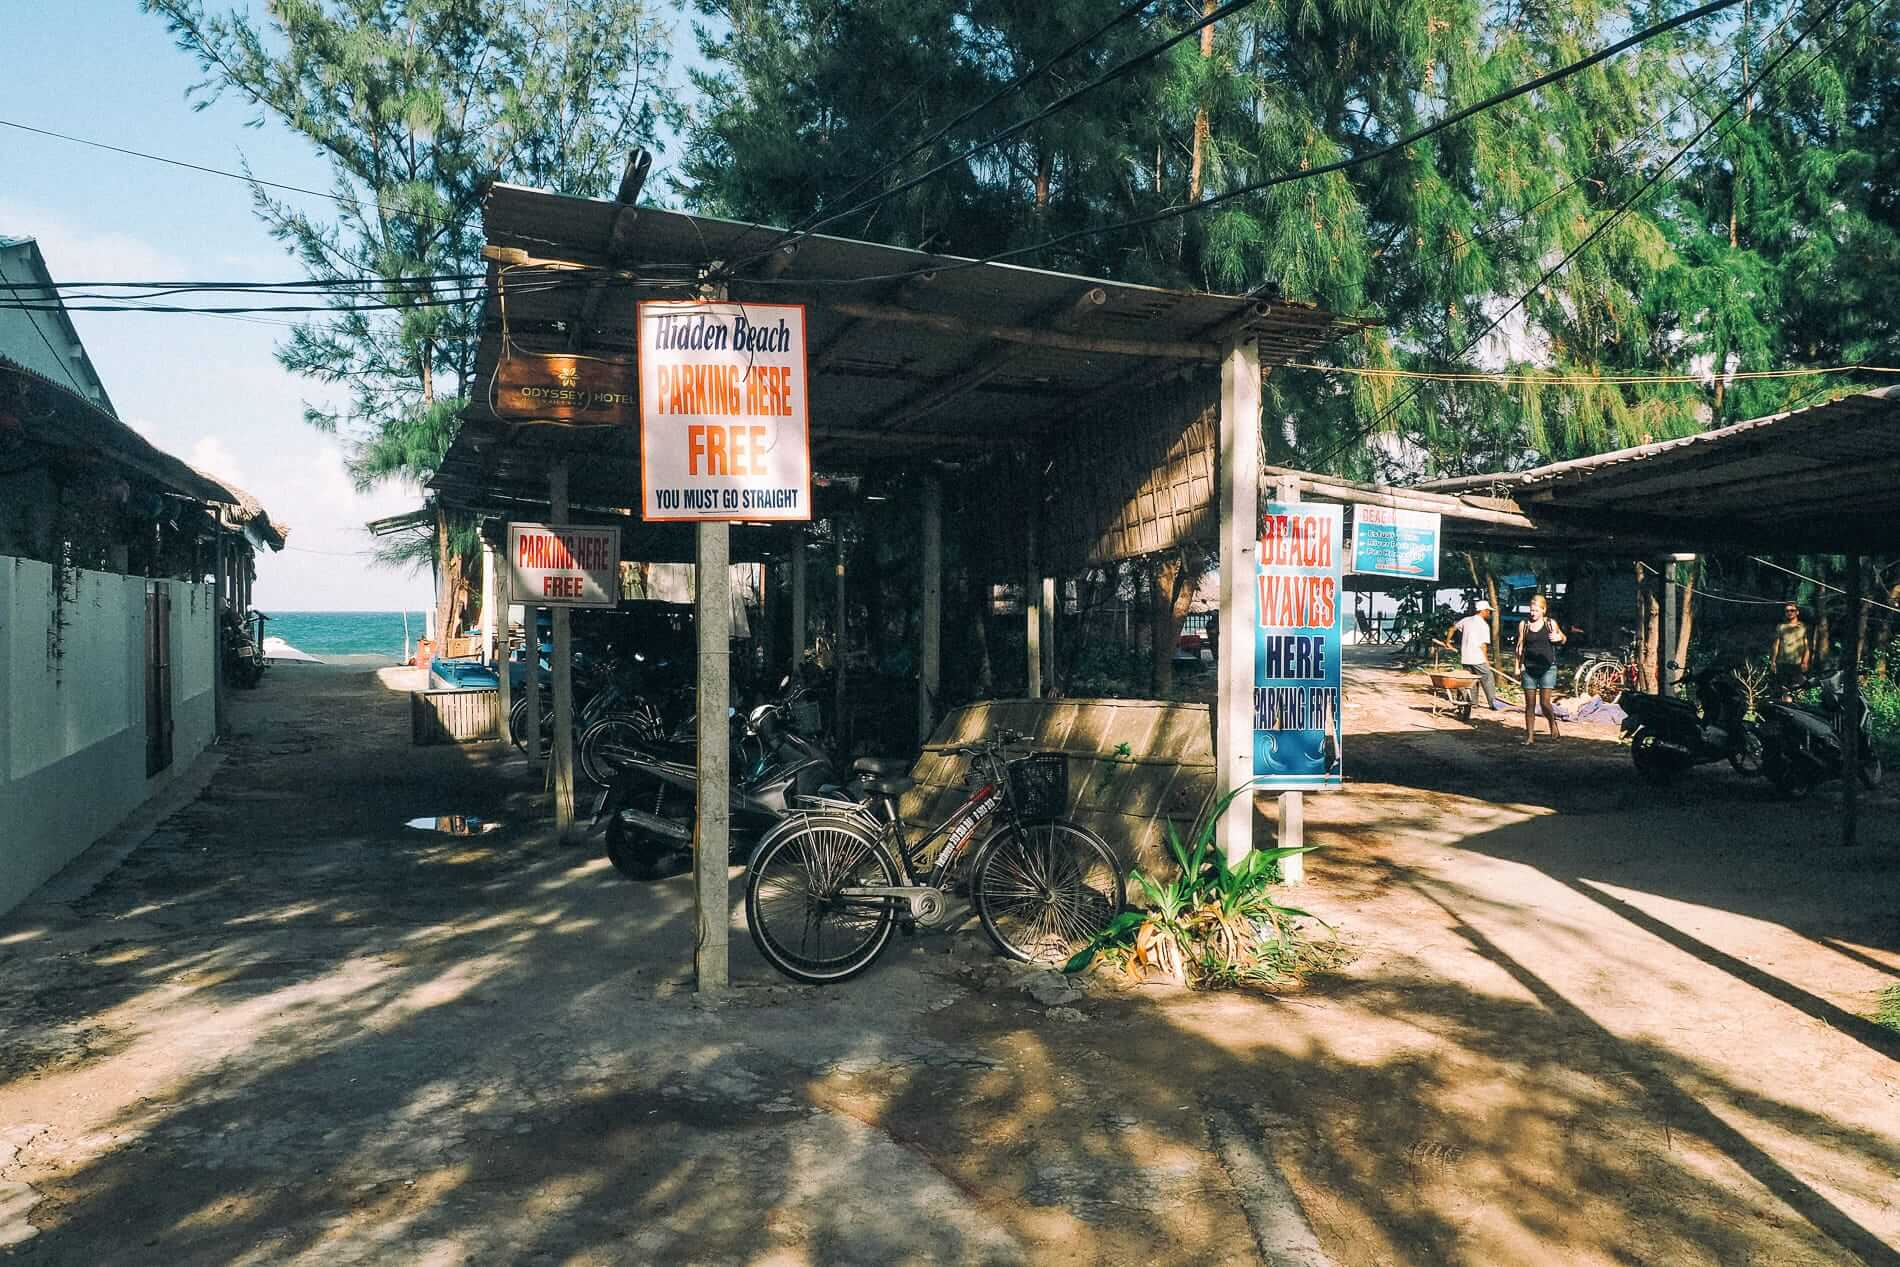 Free parking at Hidden Beach - Hidden Beach